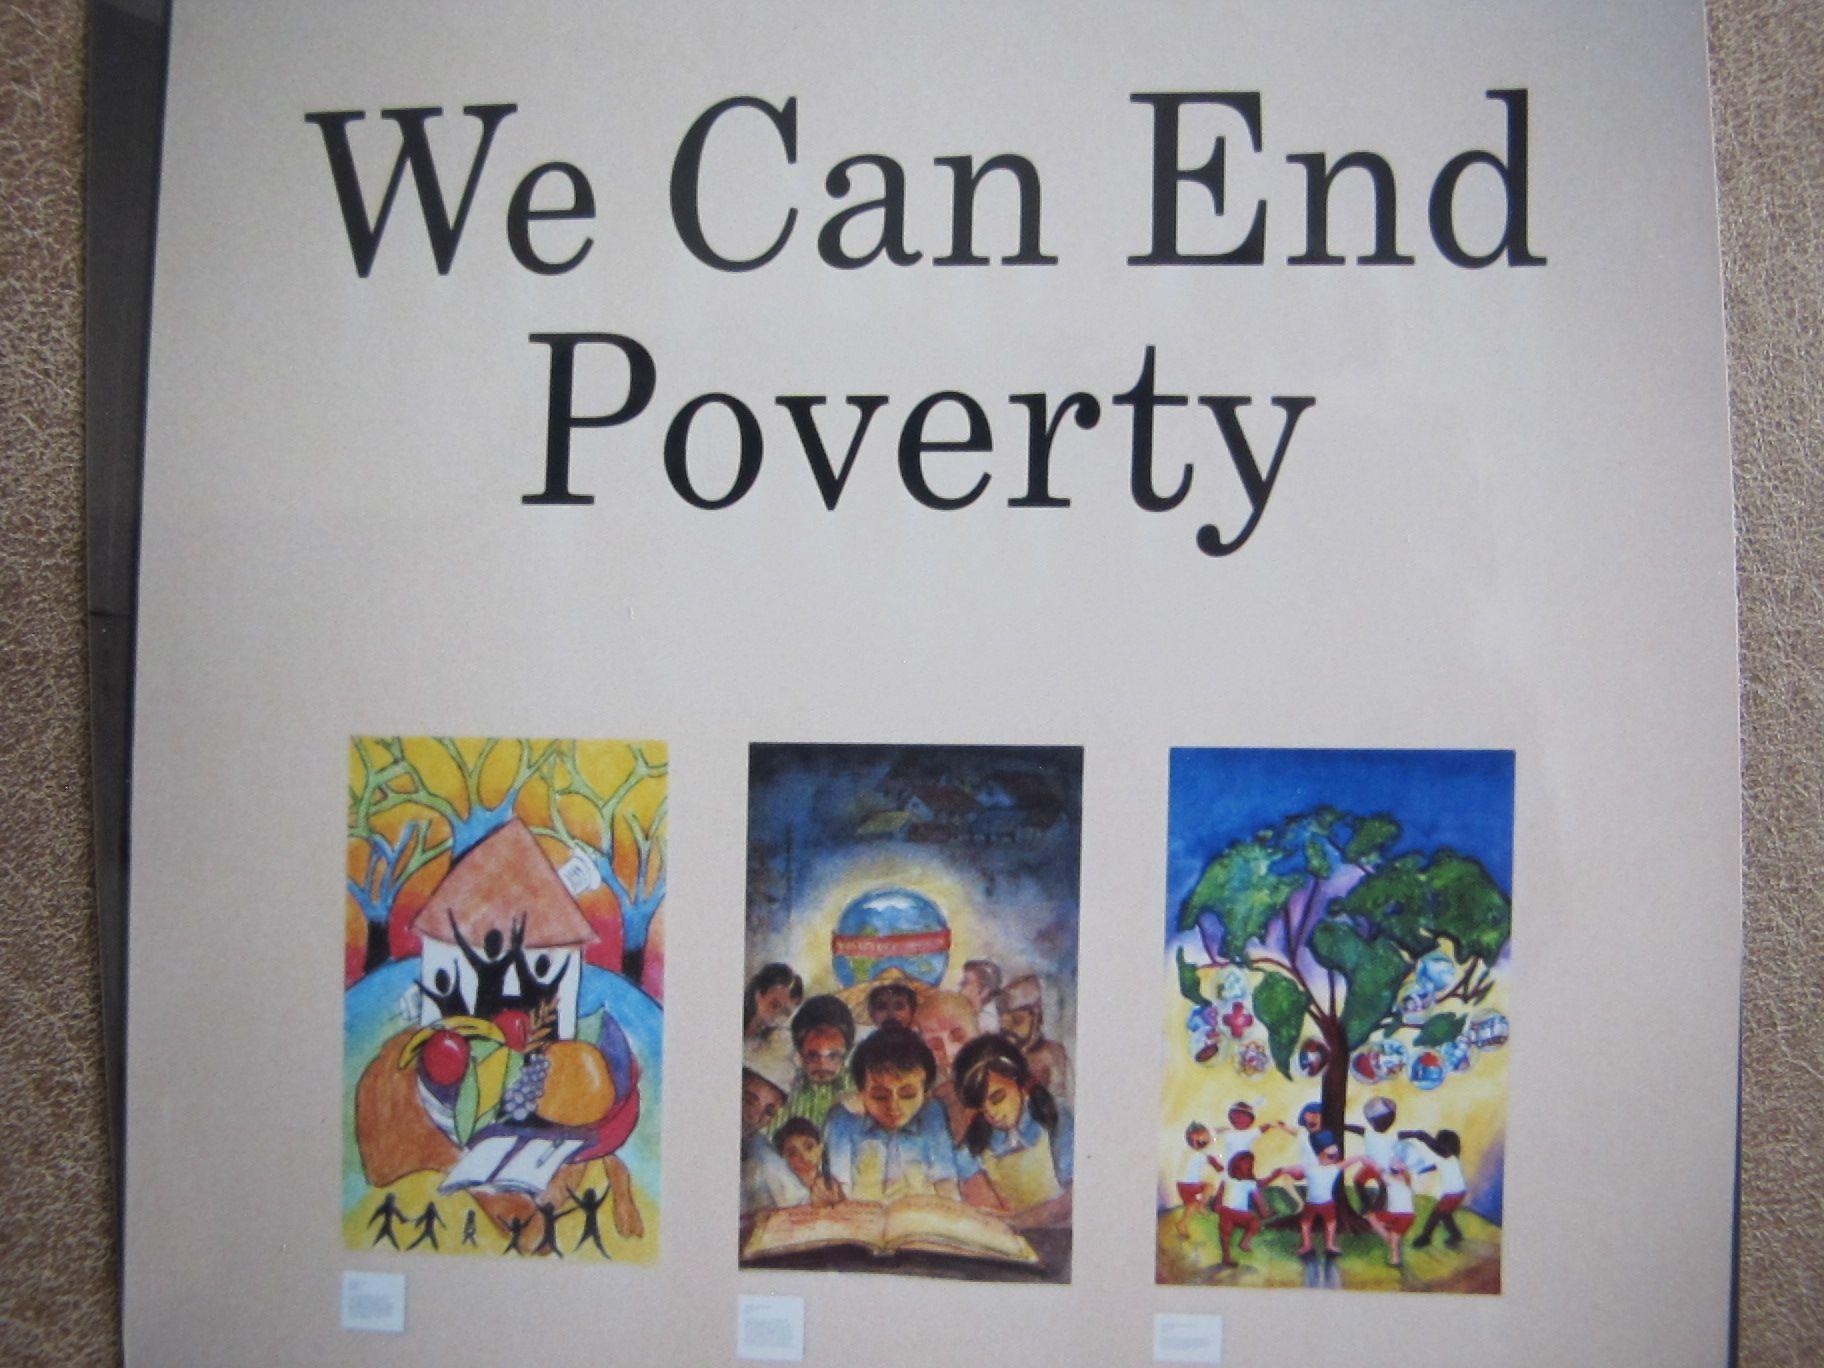 Plakat Im UN-Gebäude in New York